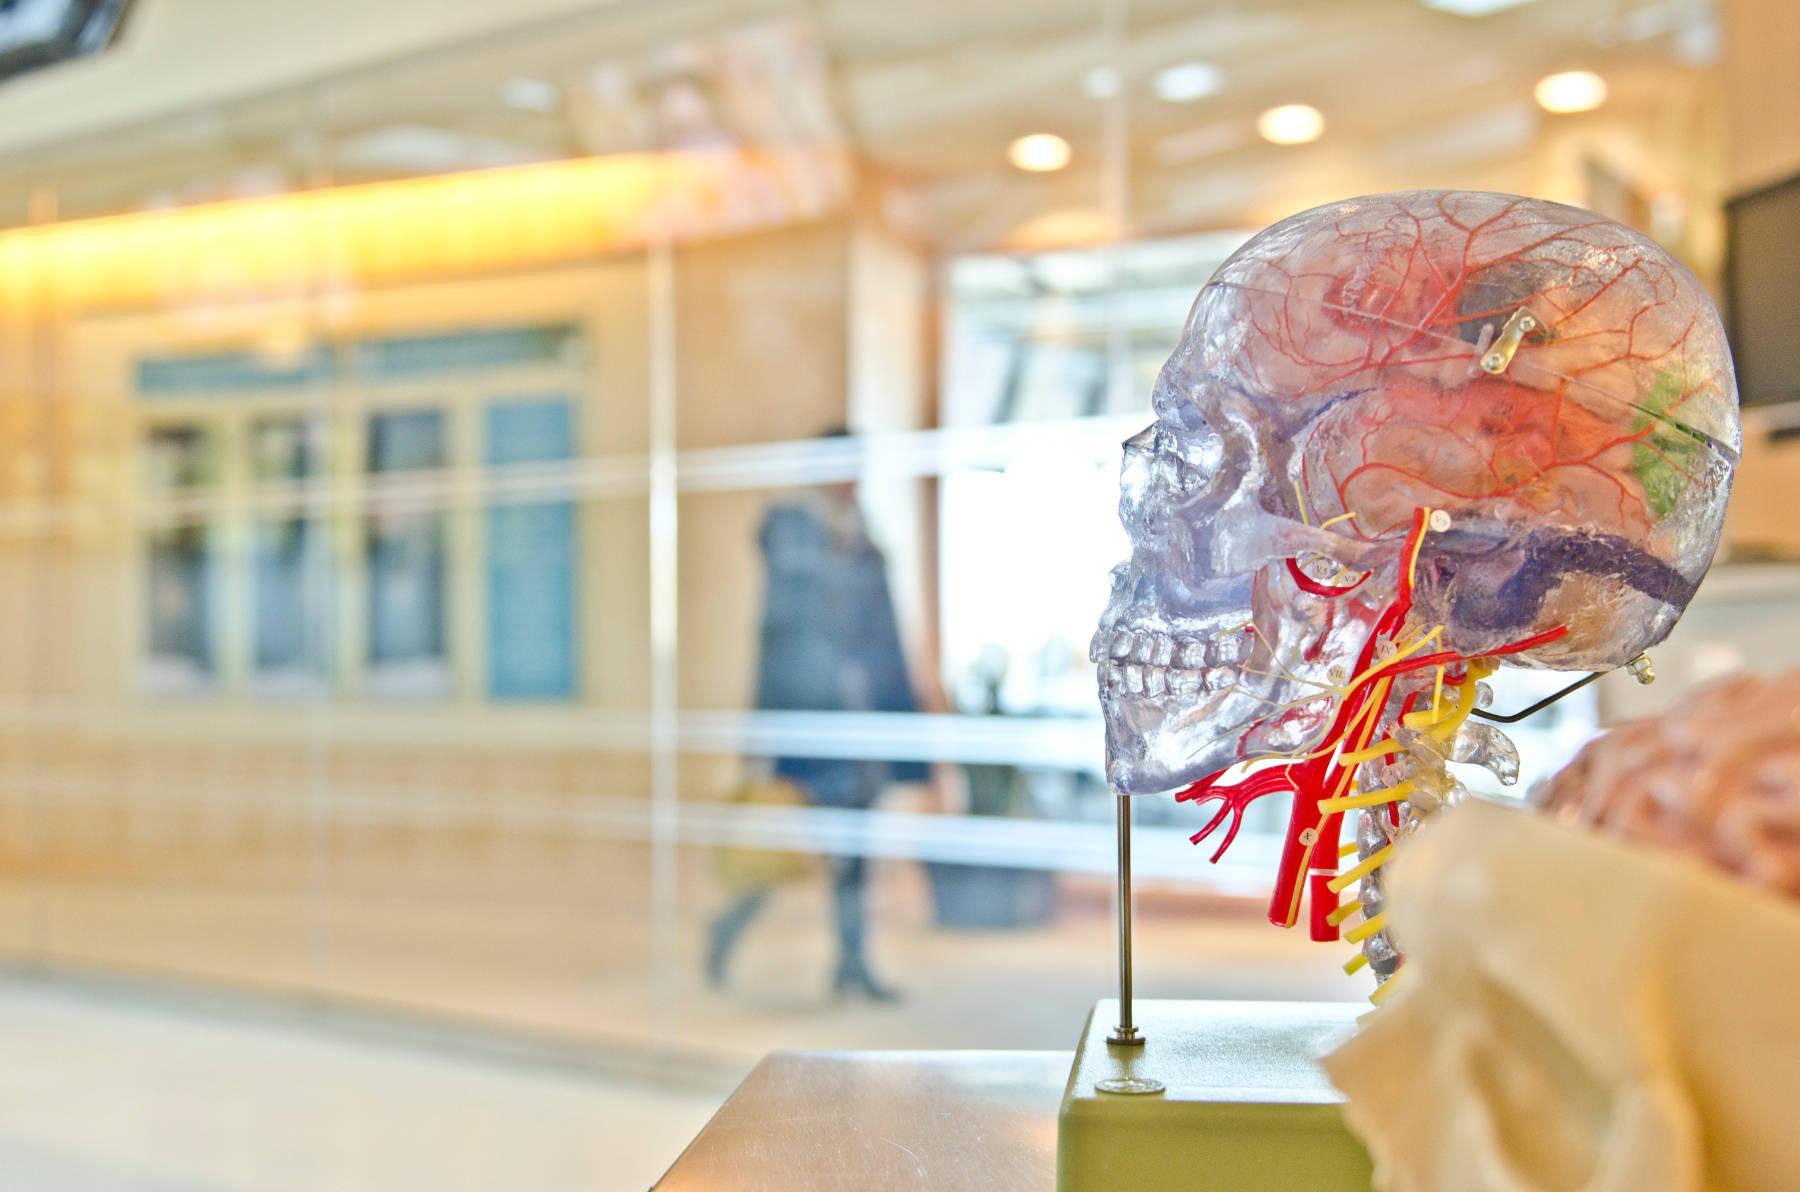 Découverte de la première preuve d'un « système de déchets » du corps dans le cerveau